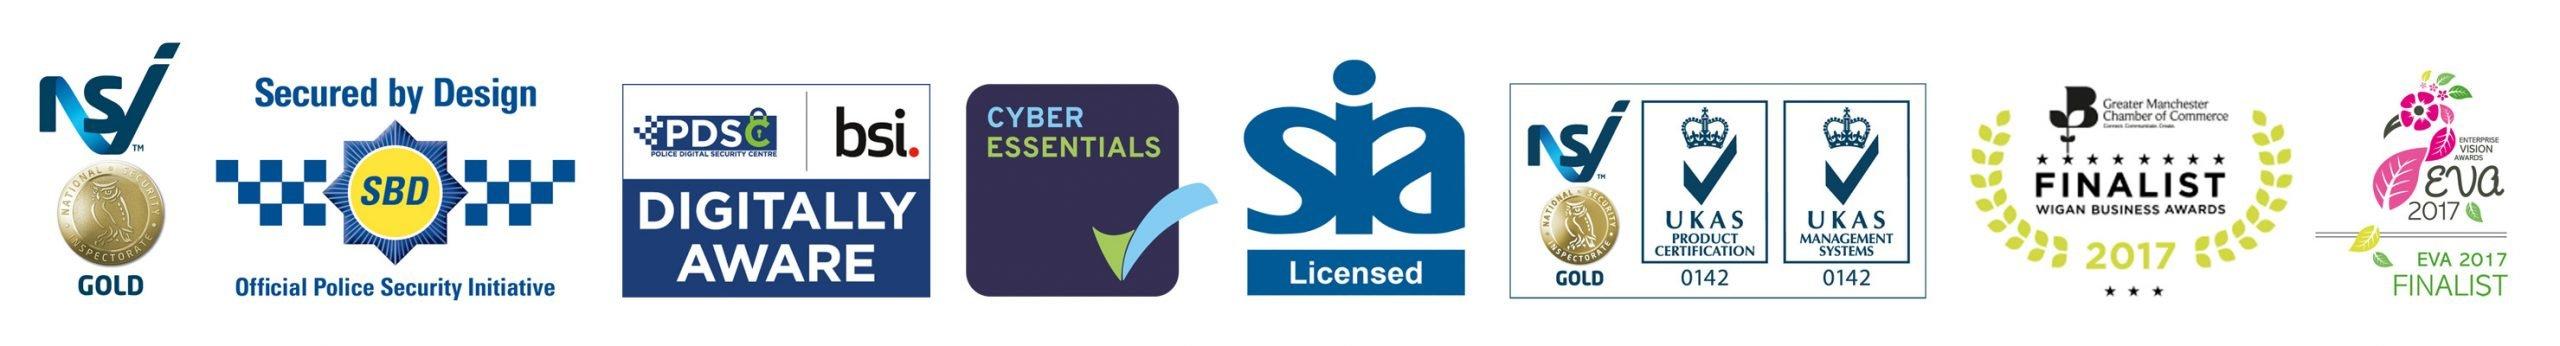 PSM Accreditation Award Logos